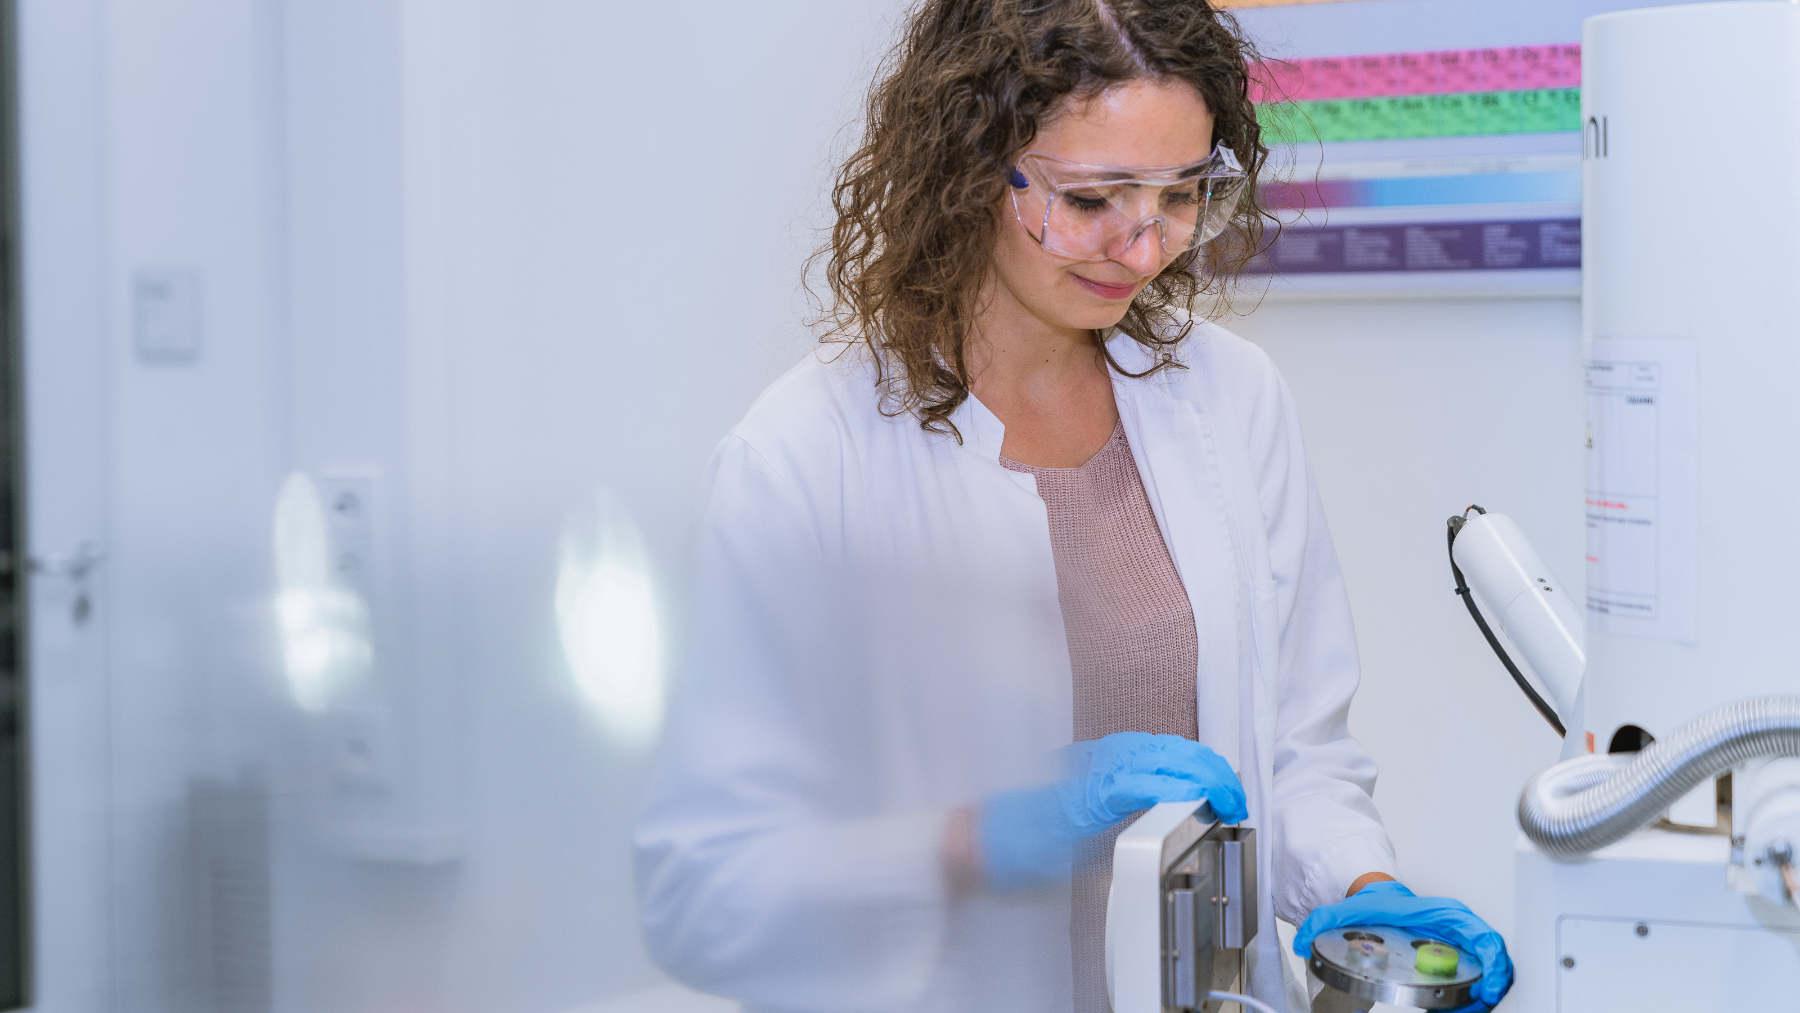 Patricia Haremski, Ingenieurin im Bereich Brennstoffzelle, steht im Labor und trägt einen weißen Kittel.